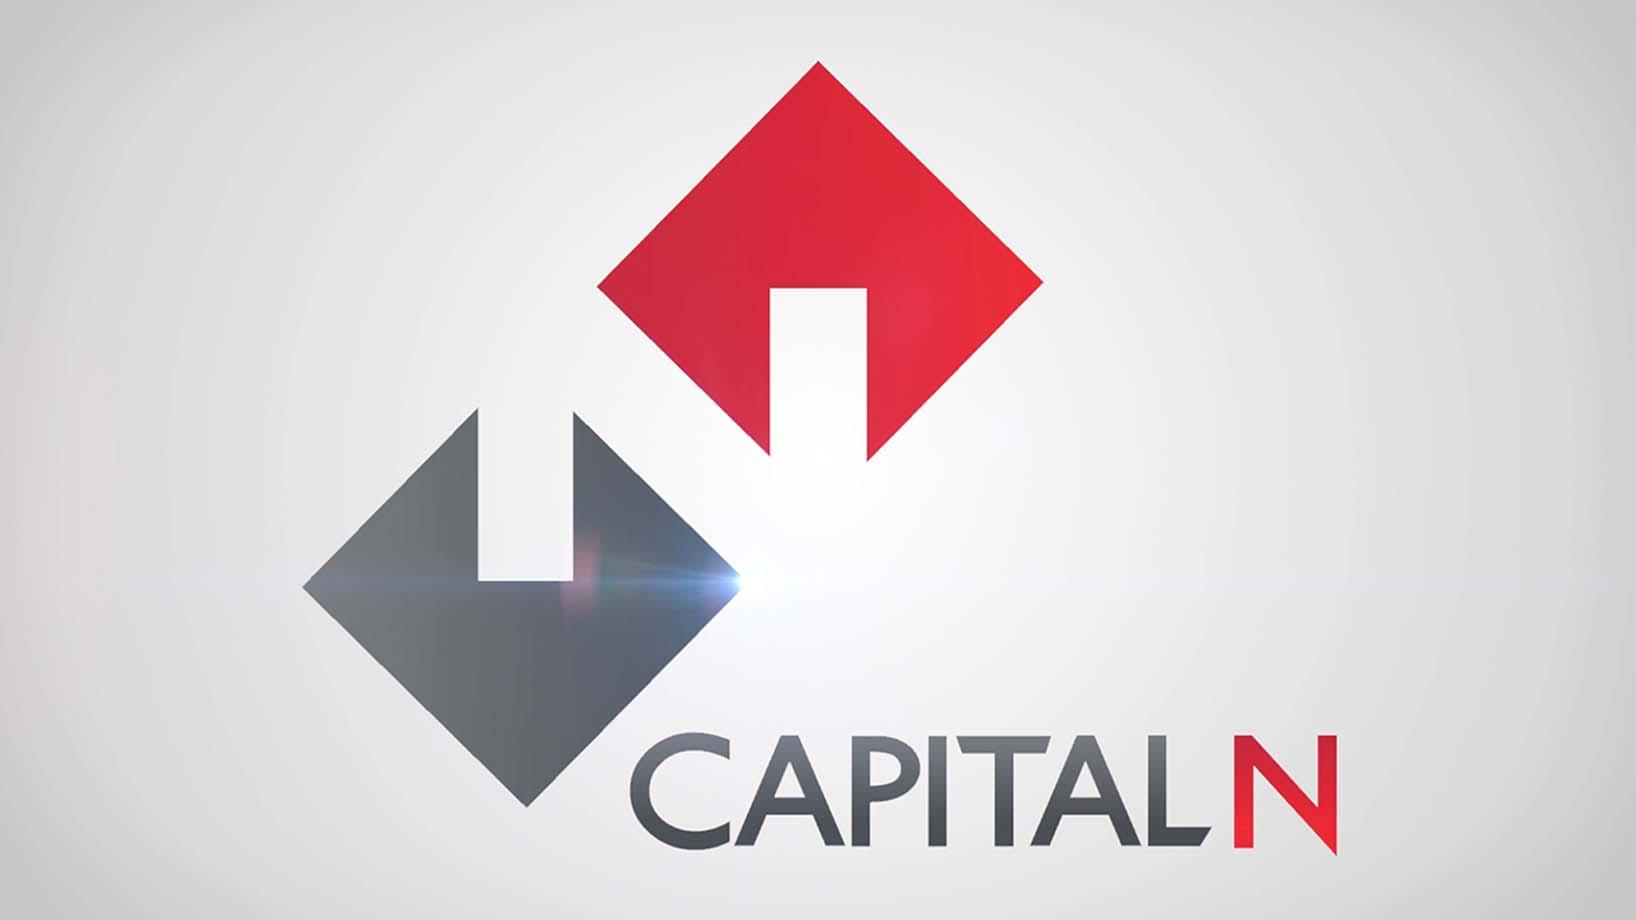 Capital N